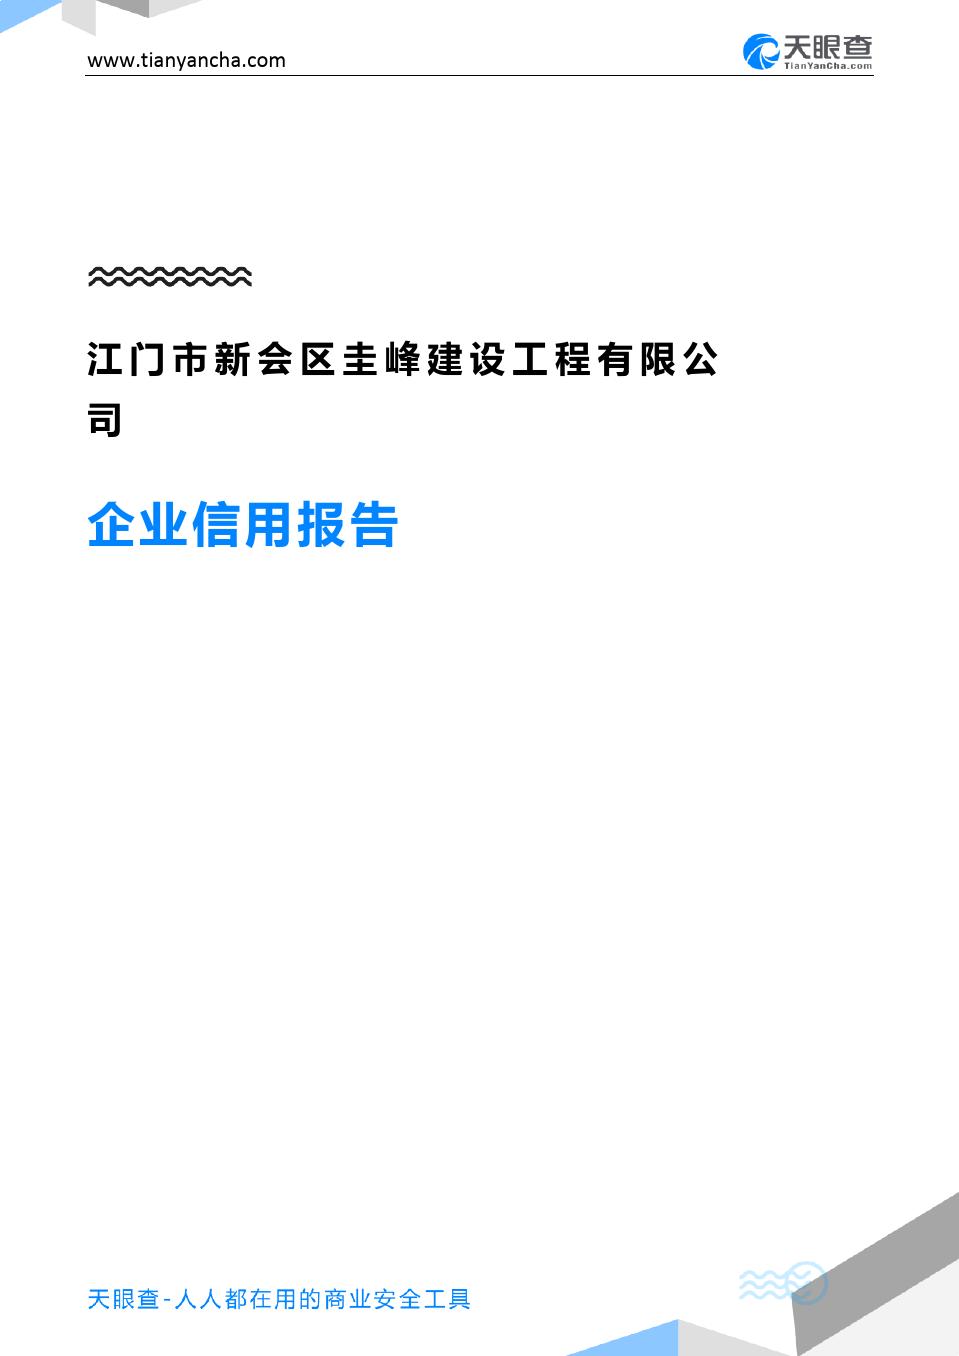 江门市新会区圭峰建设工程有限公司(企业信用报告)- 天眼查